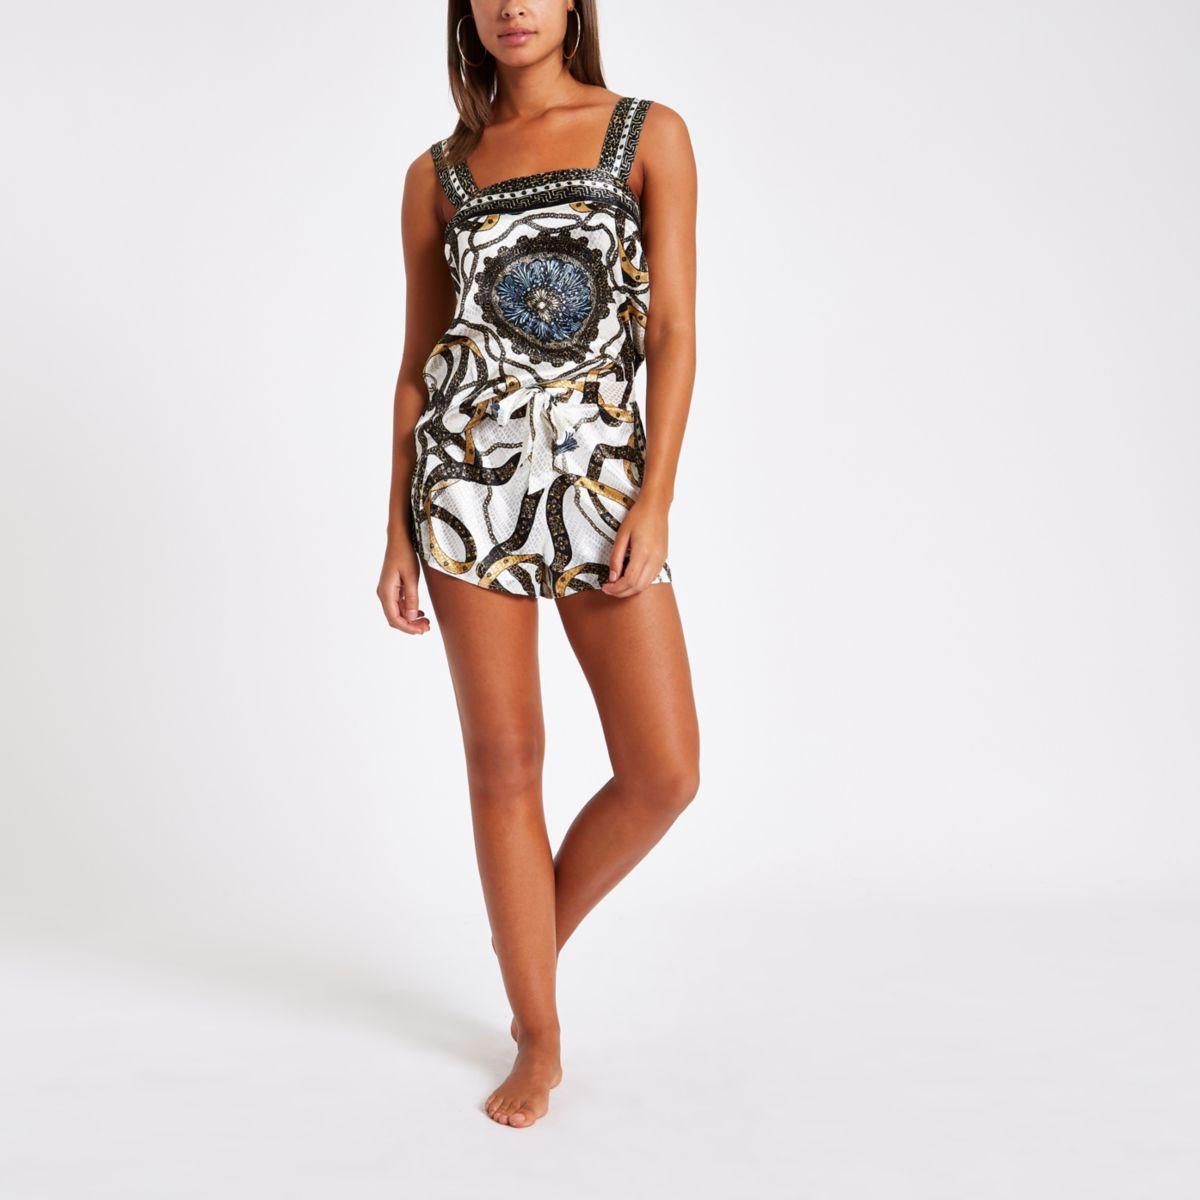 Pyjamashorts aus Satin mit Schalprint in Beige